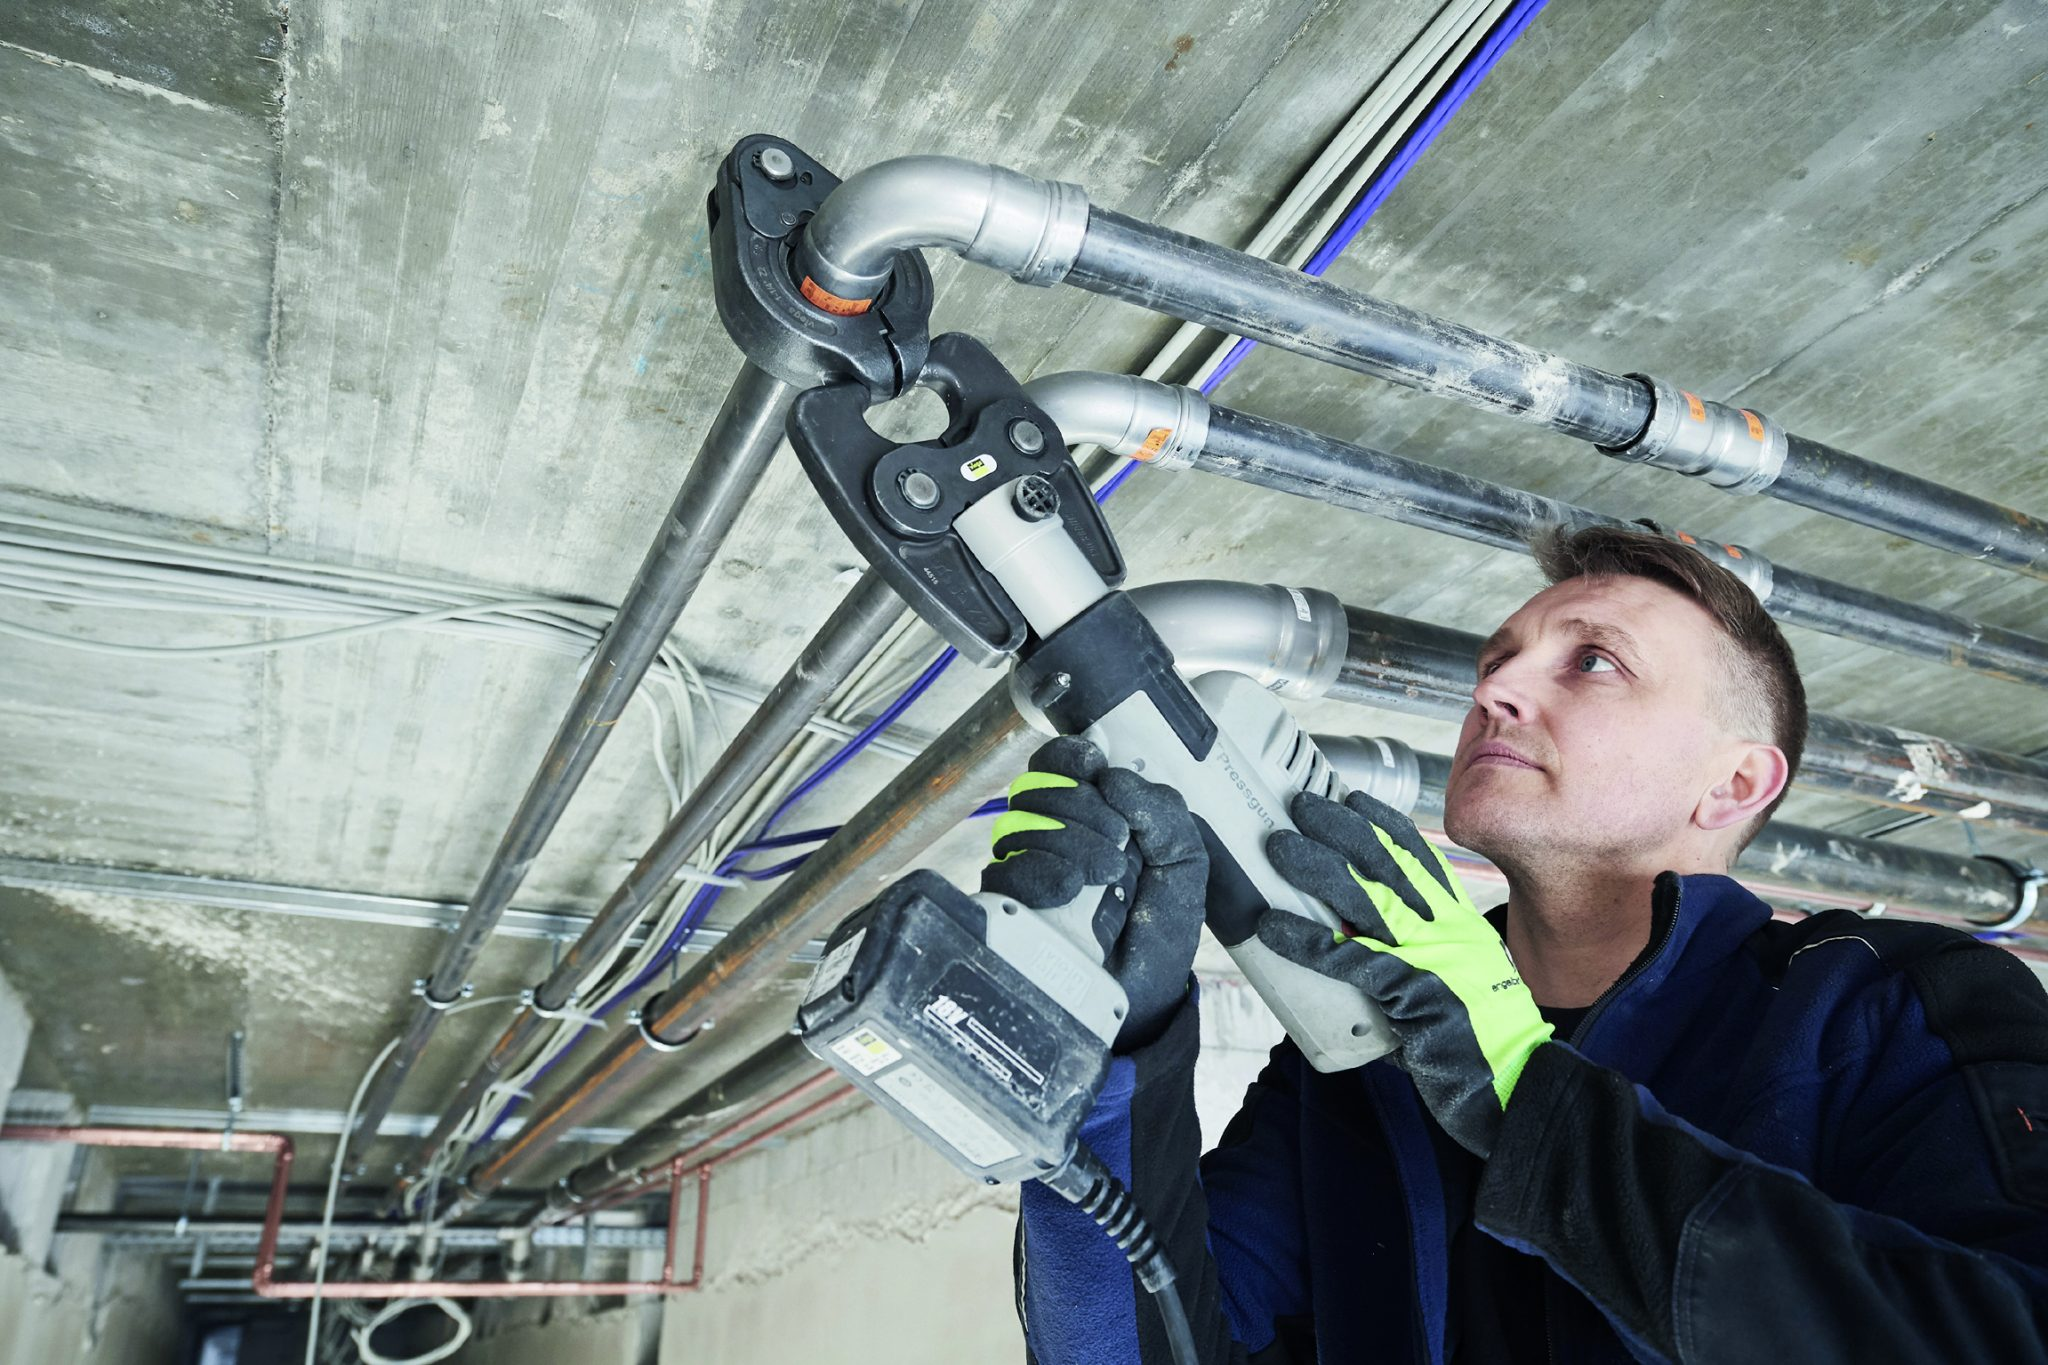 """Für SHK-Installateur Uvis Eglitis ist im Vergleich zum wesentlich aufwändigeren Schweißen die """"Megapress""""-Pressverbindungstechnik gerade bei Arbeiten dicht unter der Hallendecke eine große Erleichterung."""